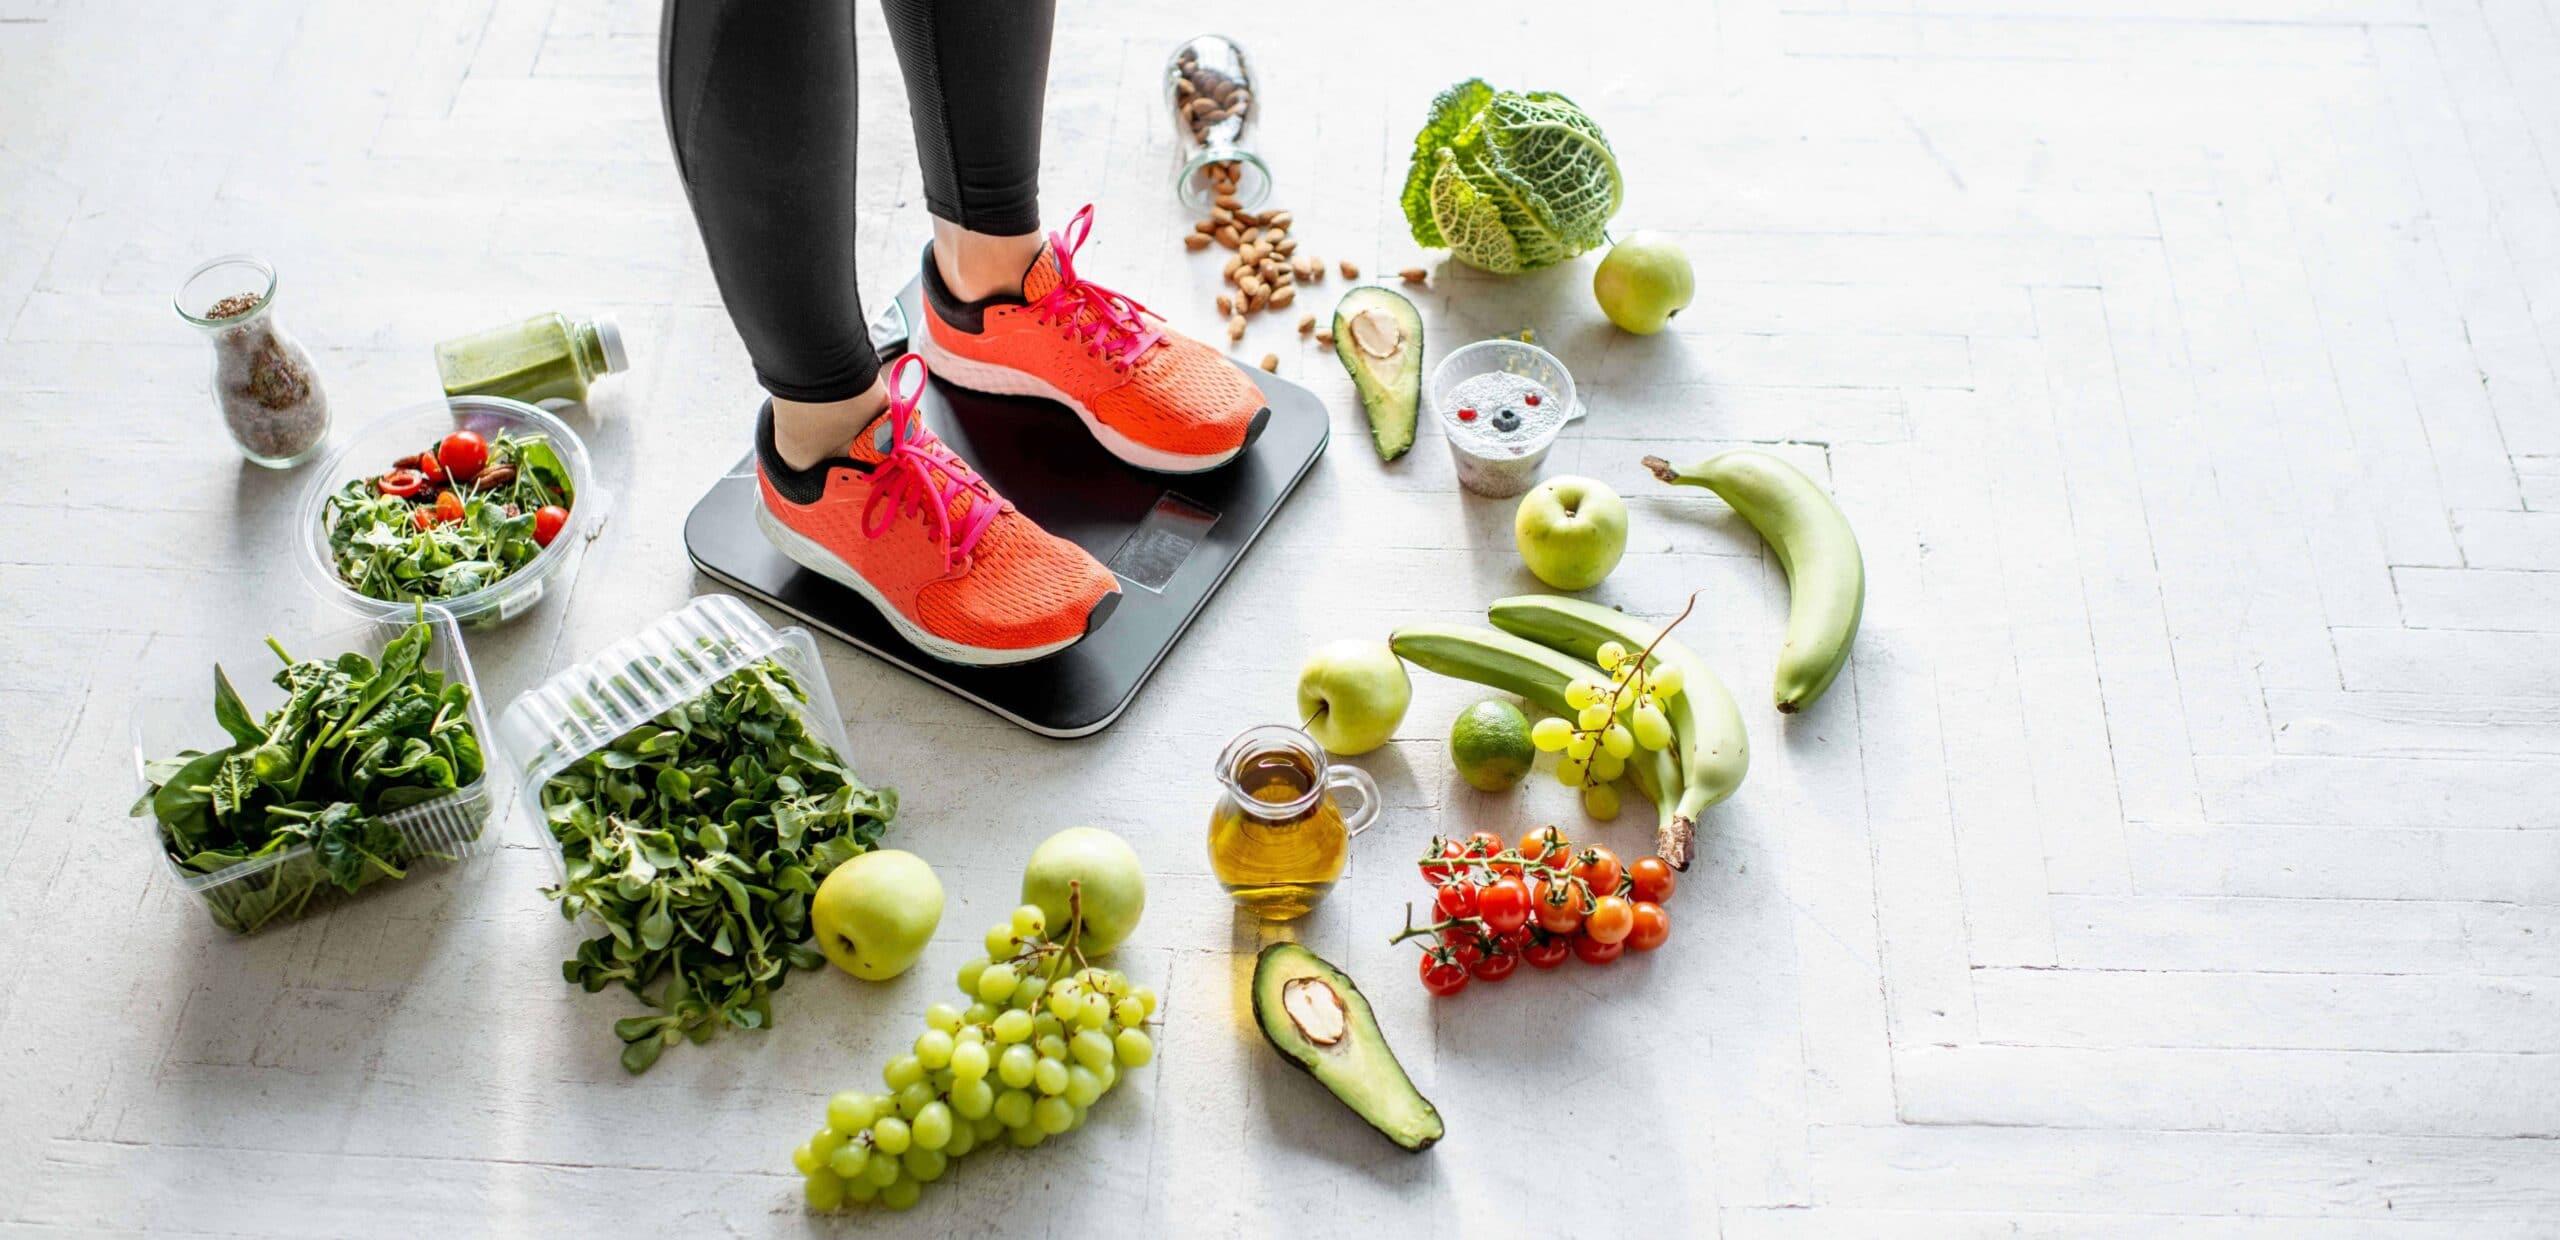 dieta frutta e verdura detox